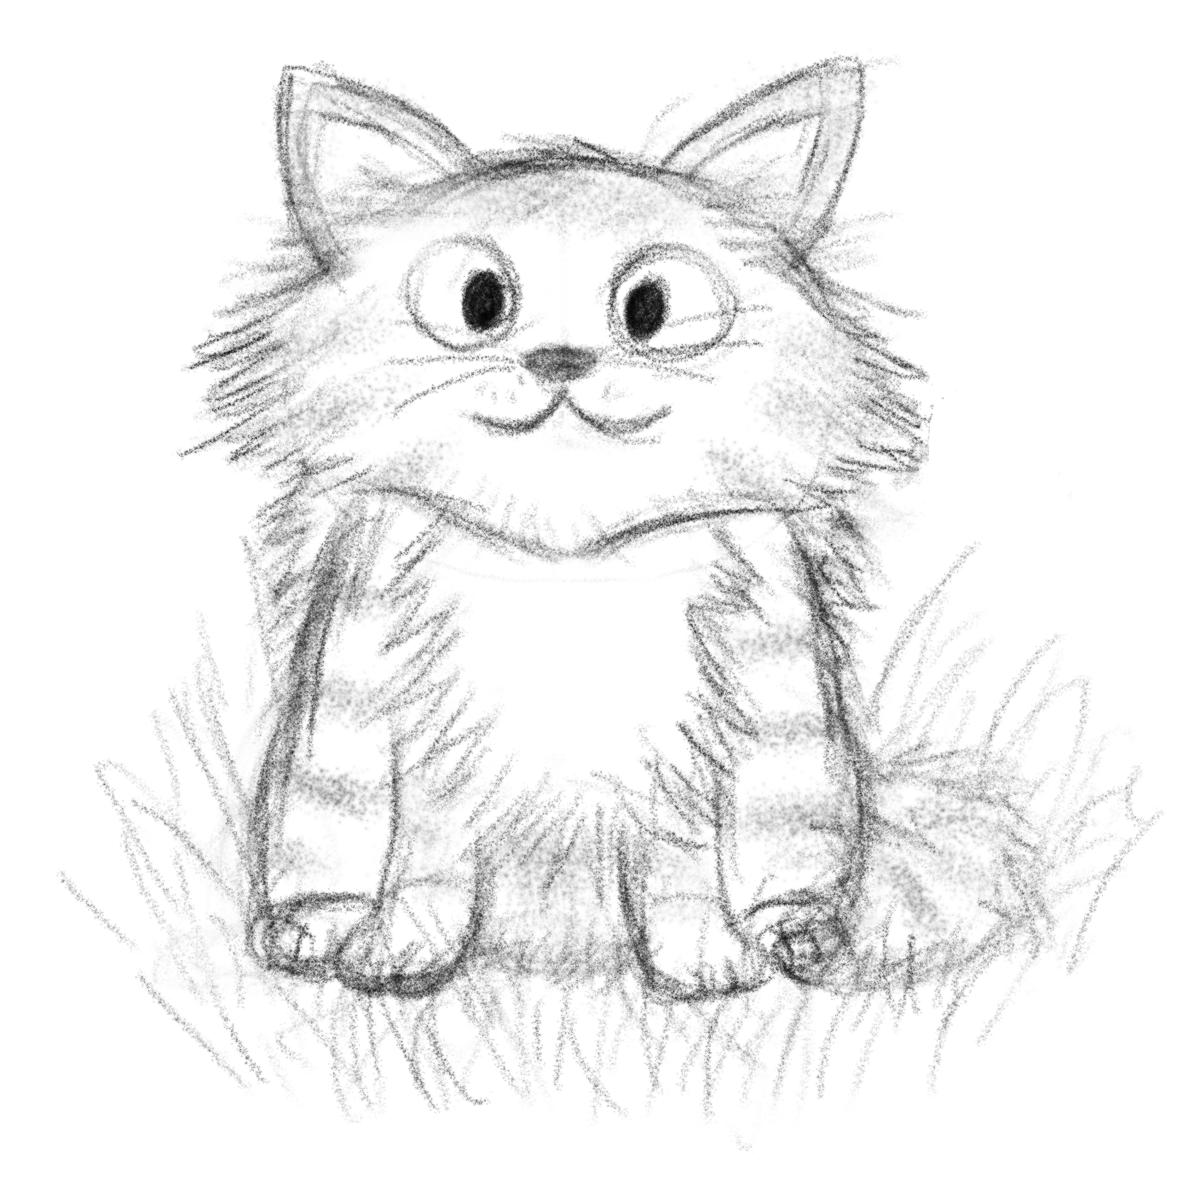 Прикольные рисунки котов карандашом, крутые